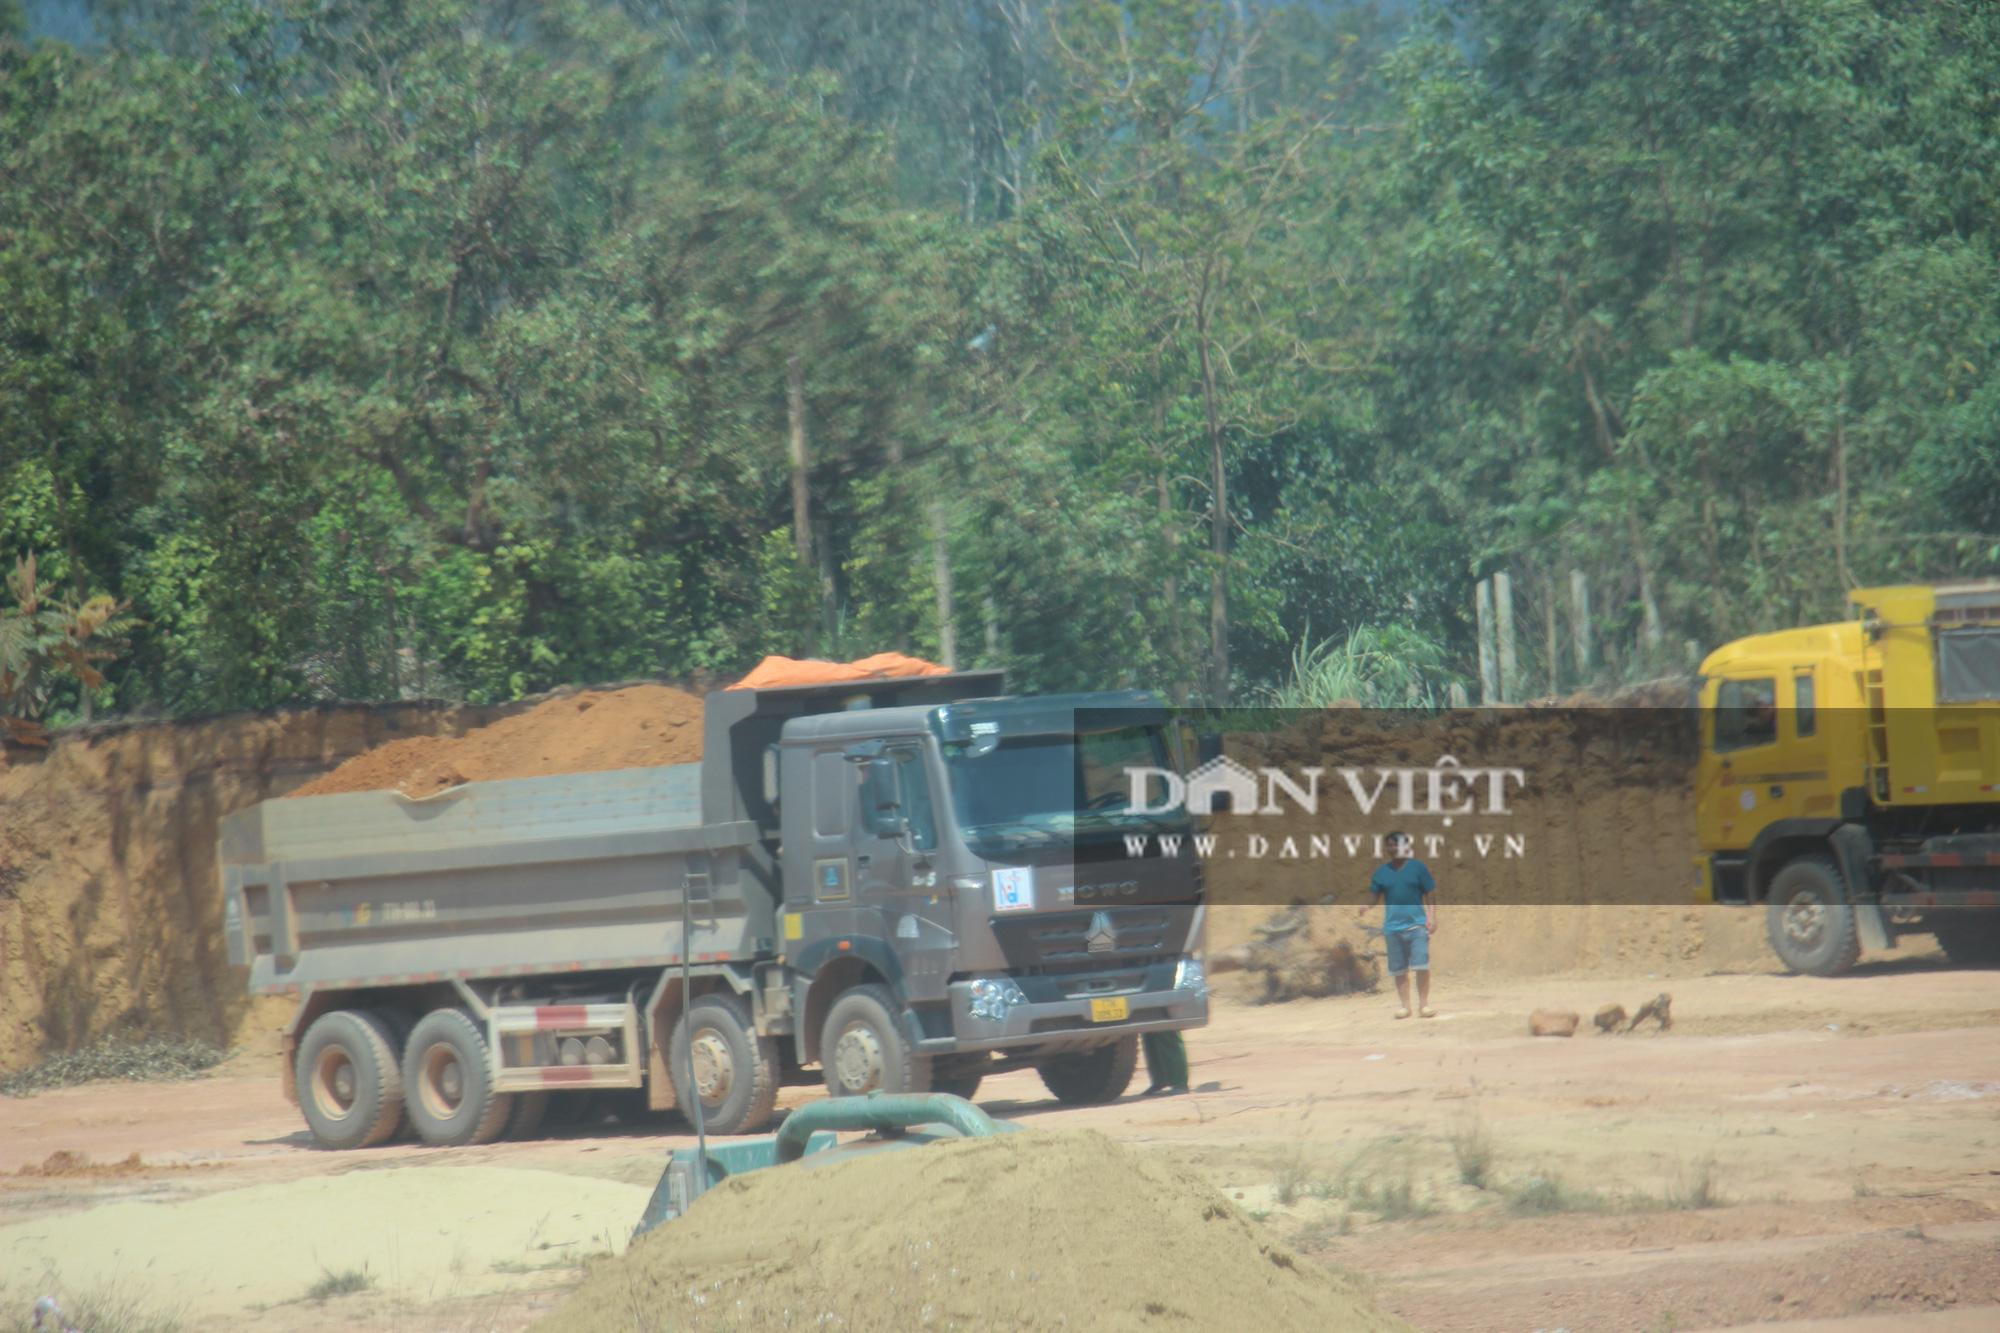 """Đoàn xe hổ vồ logo Bá Sanh Đường """"tung hoành"""" ở Thị xã Hoài Nhơn: Chẳng lẽ """"bó tay""""? - Ảnh 1."""